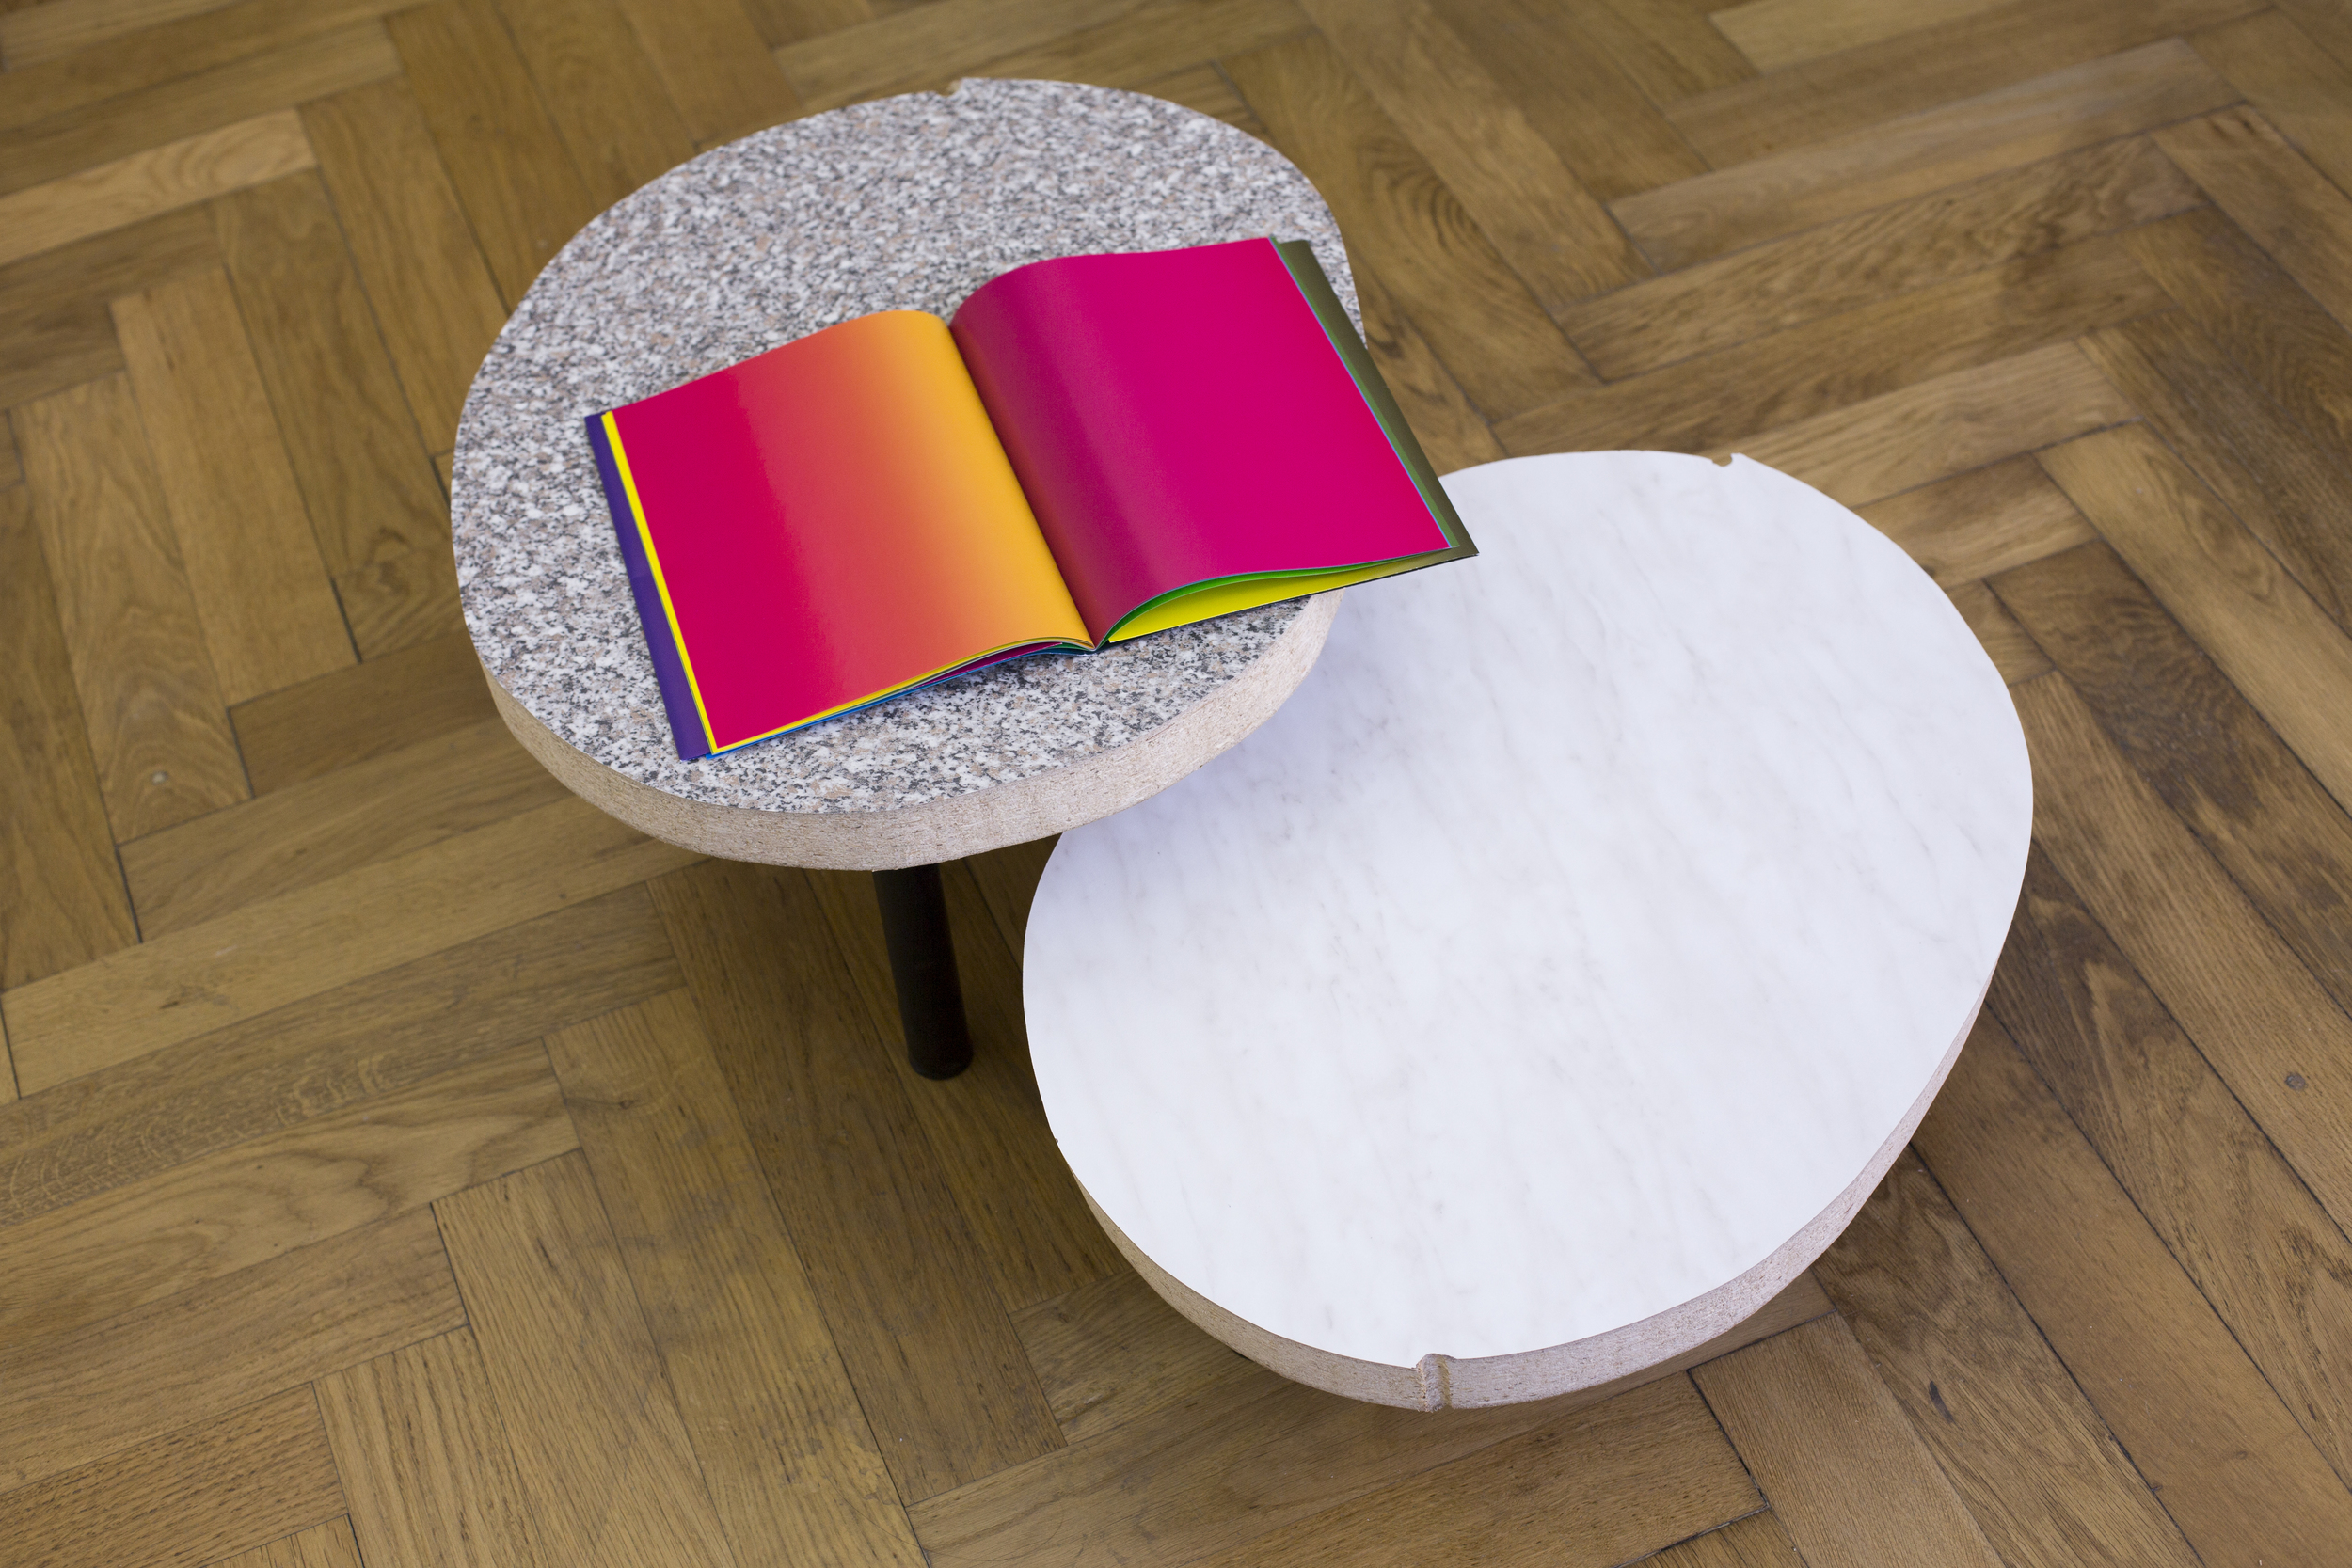 Elvire Bonduelle - waiting room #4 - installation view (Olaf Nicolai, Elvire Bonduelle)